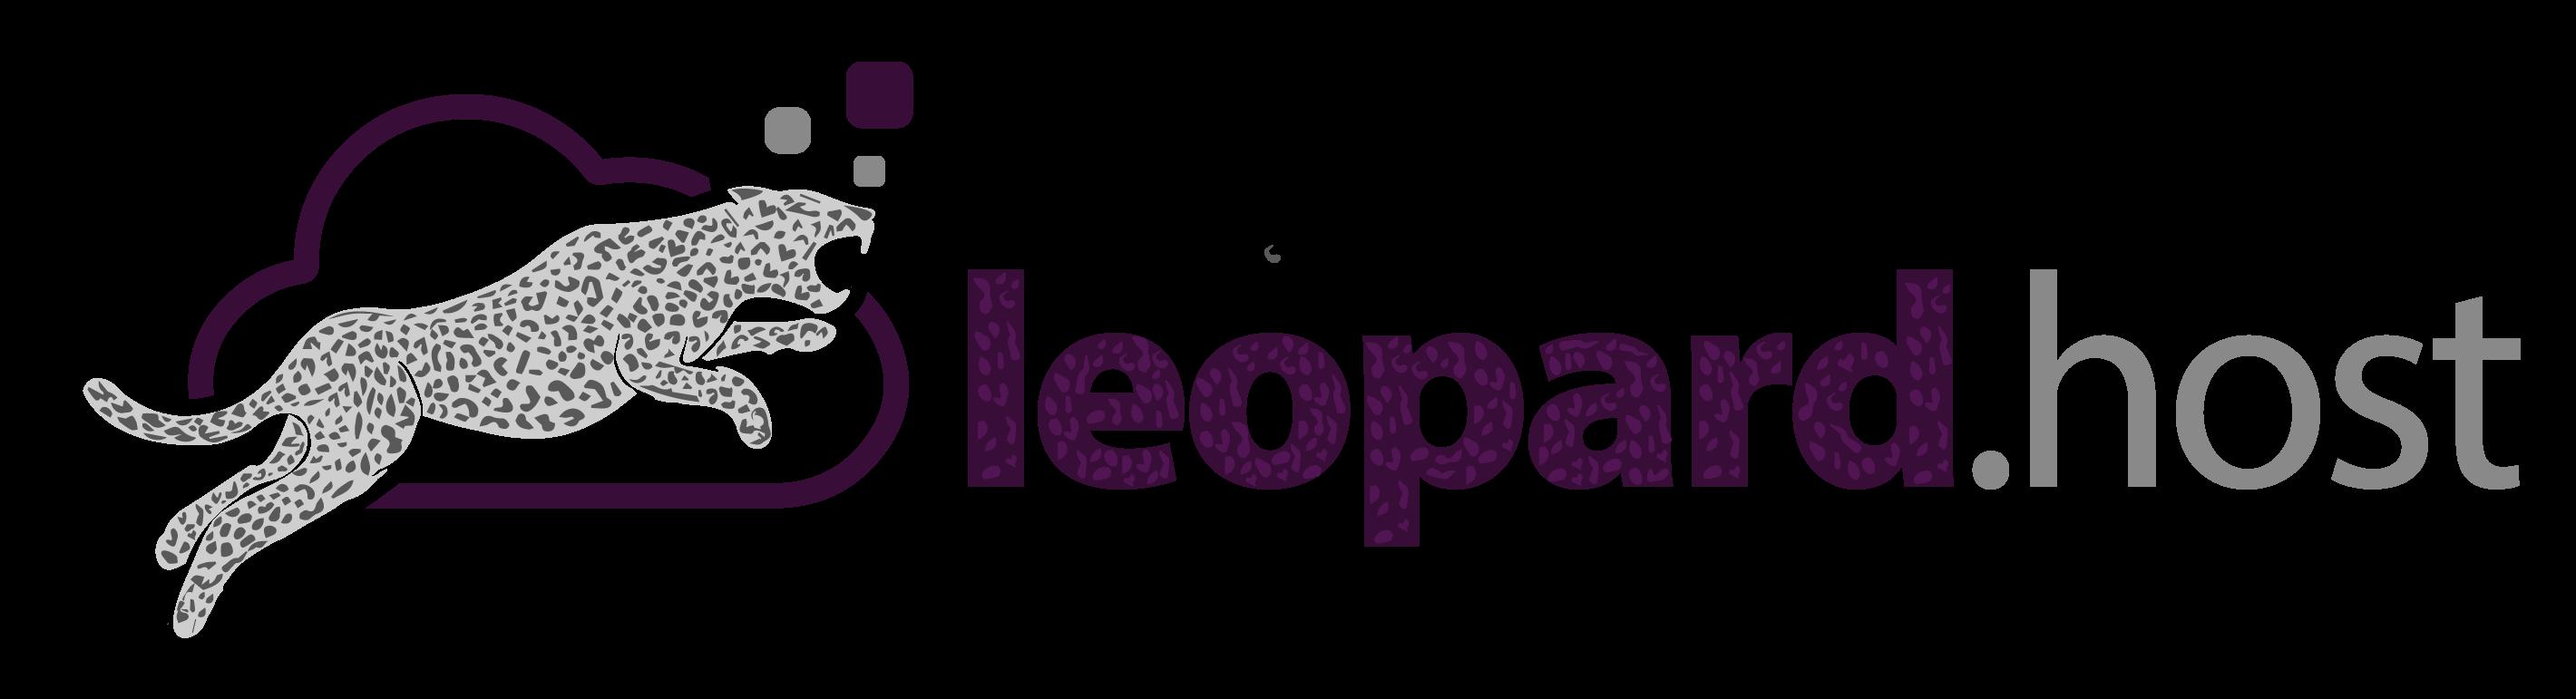 leopard.host